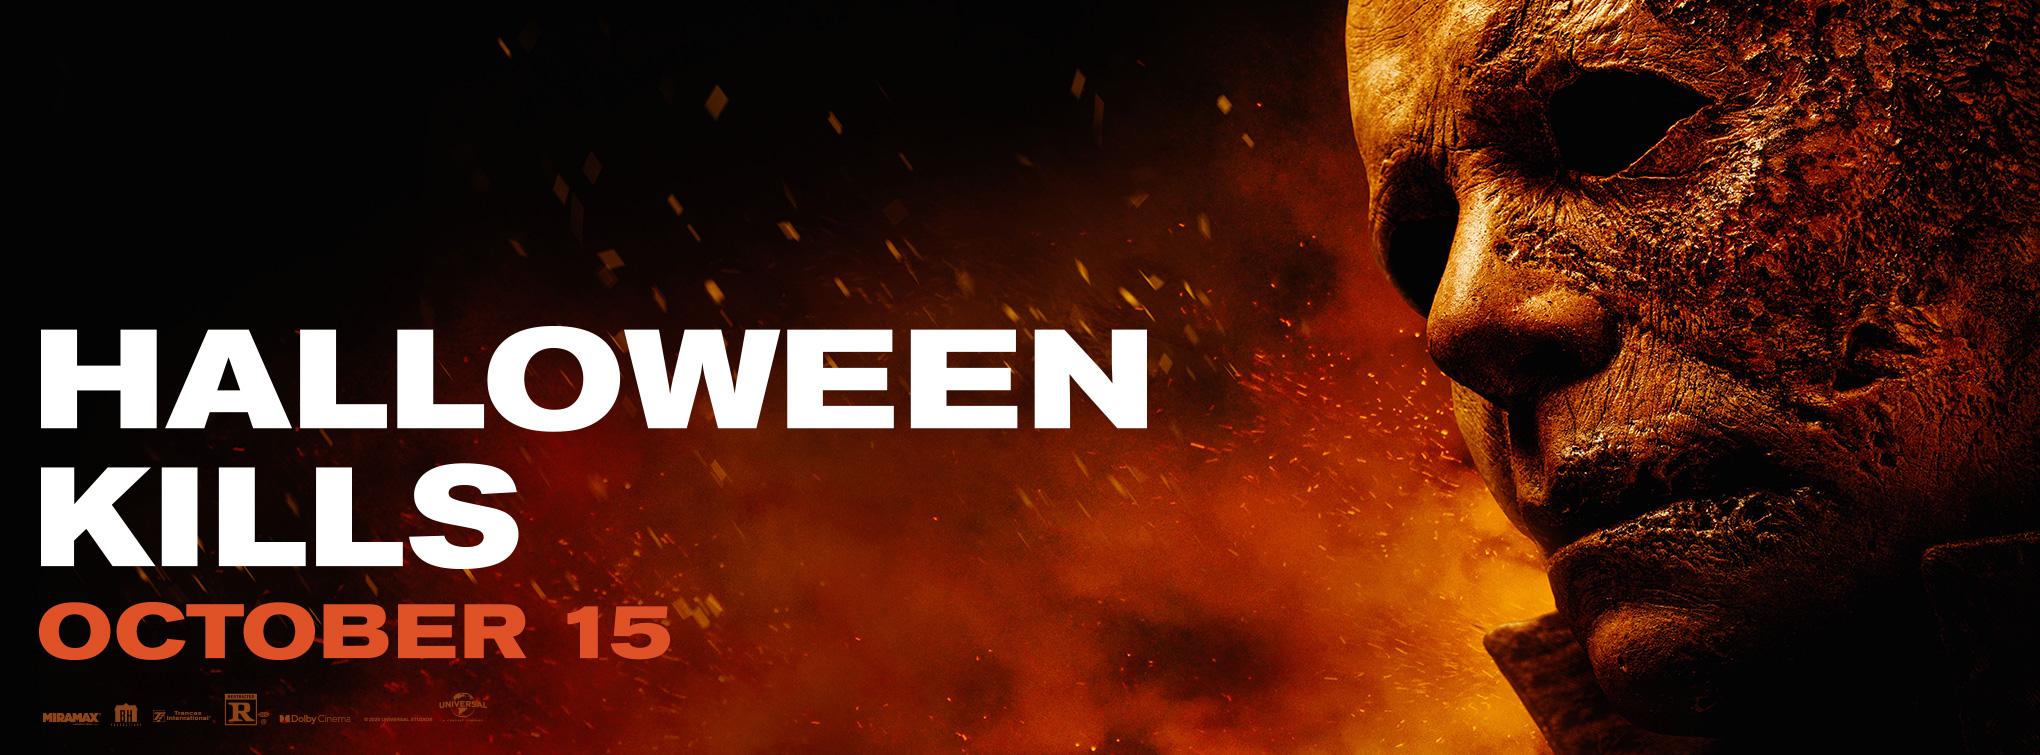 Slider image for Halloween Kills